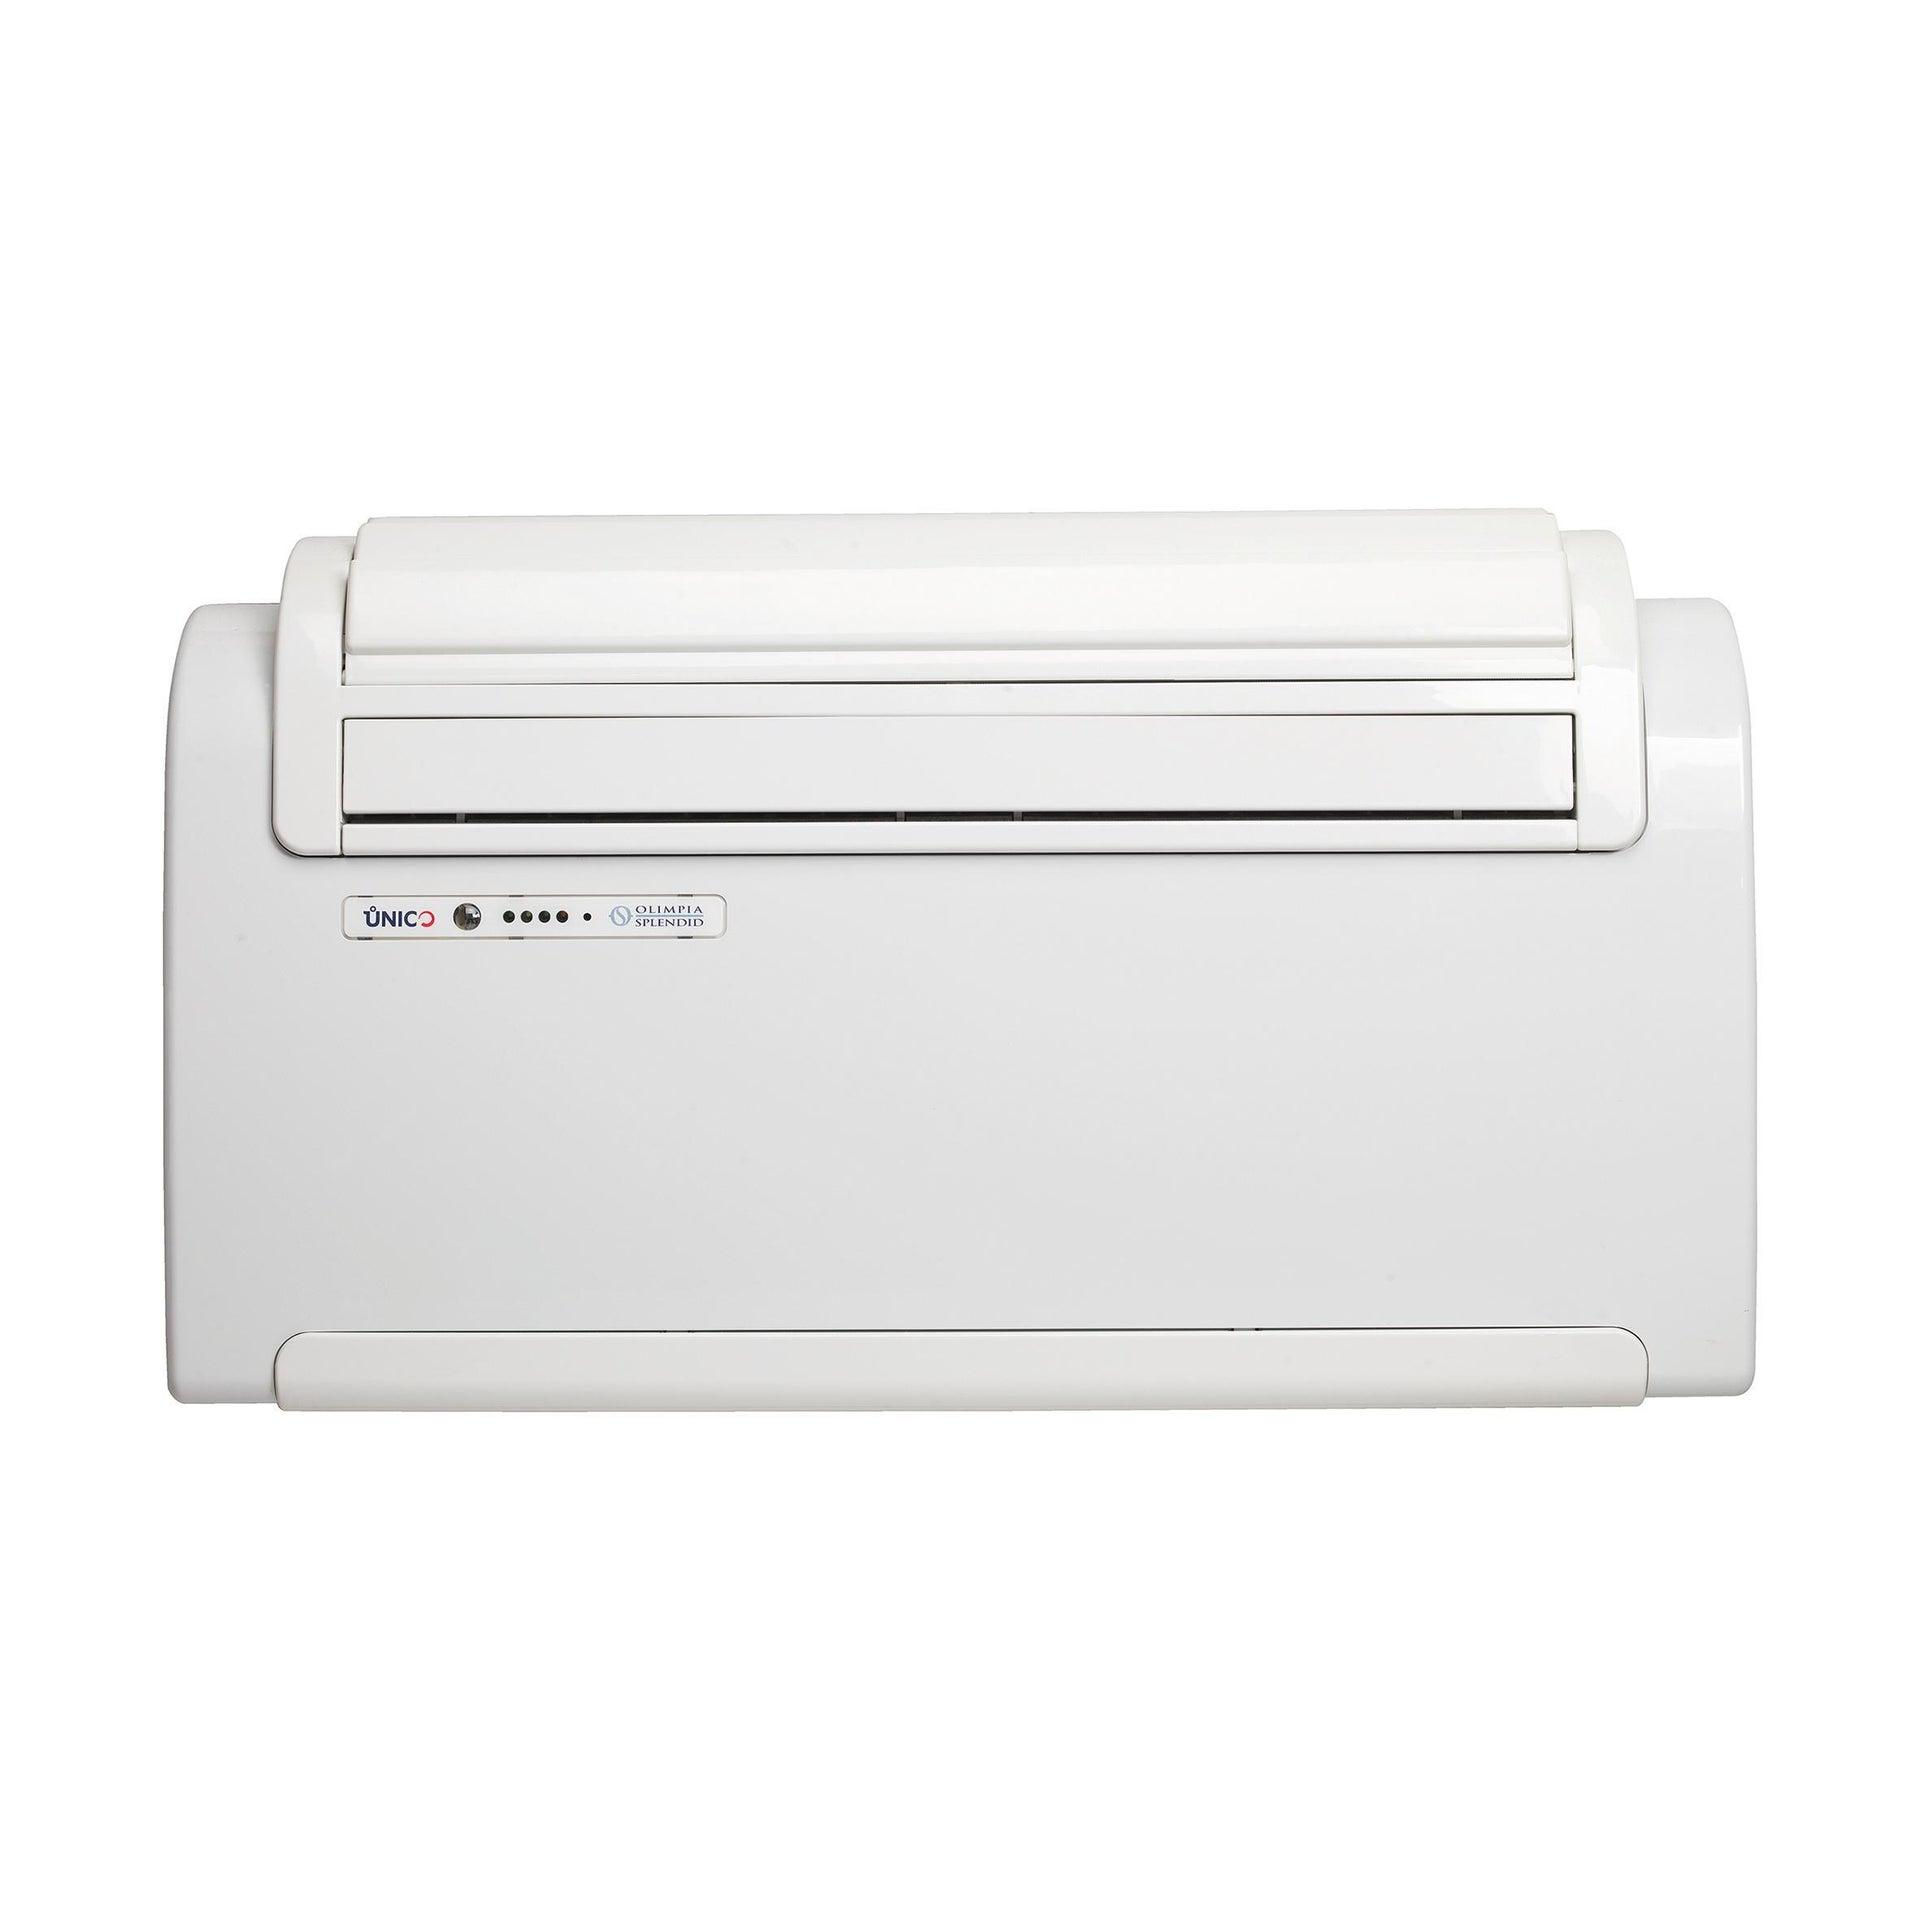 Climatizzatore monoblocco OLIMPIA SPLENDID Unico smart 9000 BTU classe A - 1